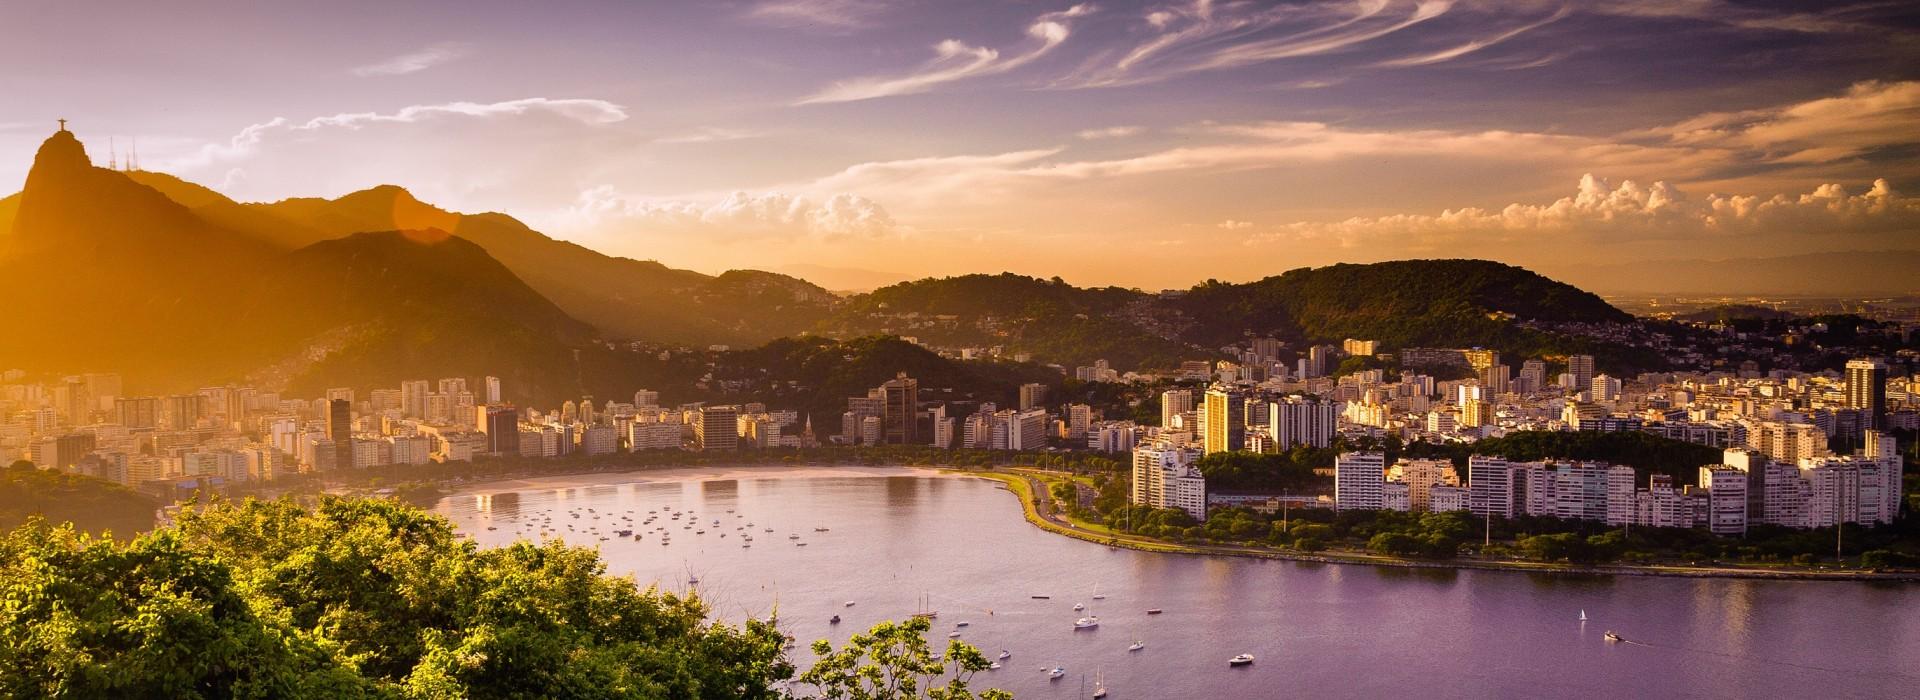 Panoramic view of Rio De Janerio